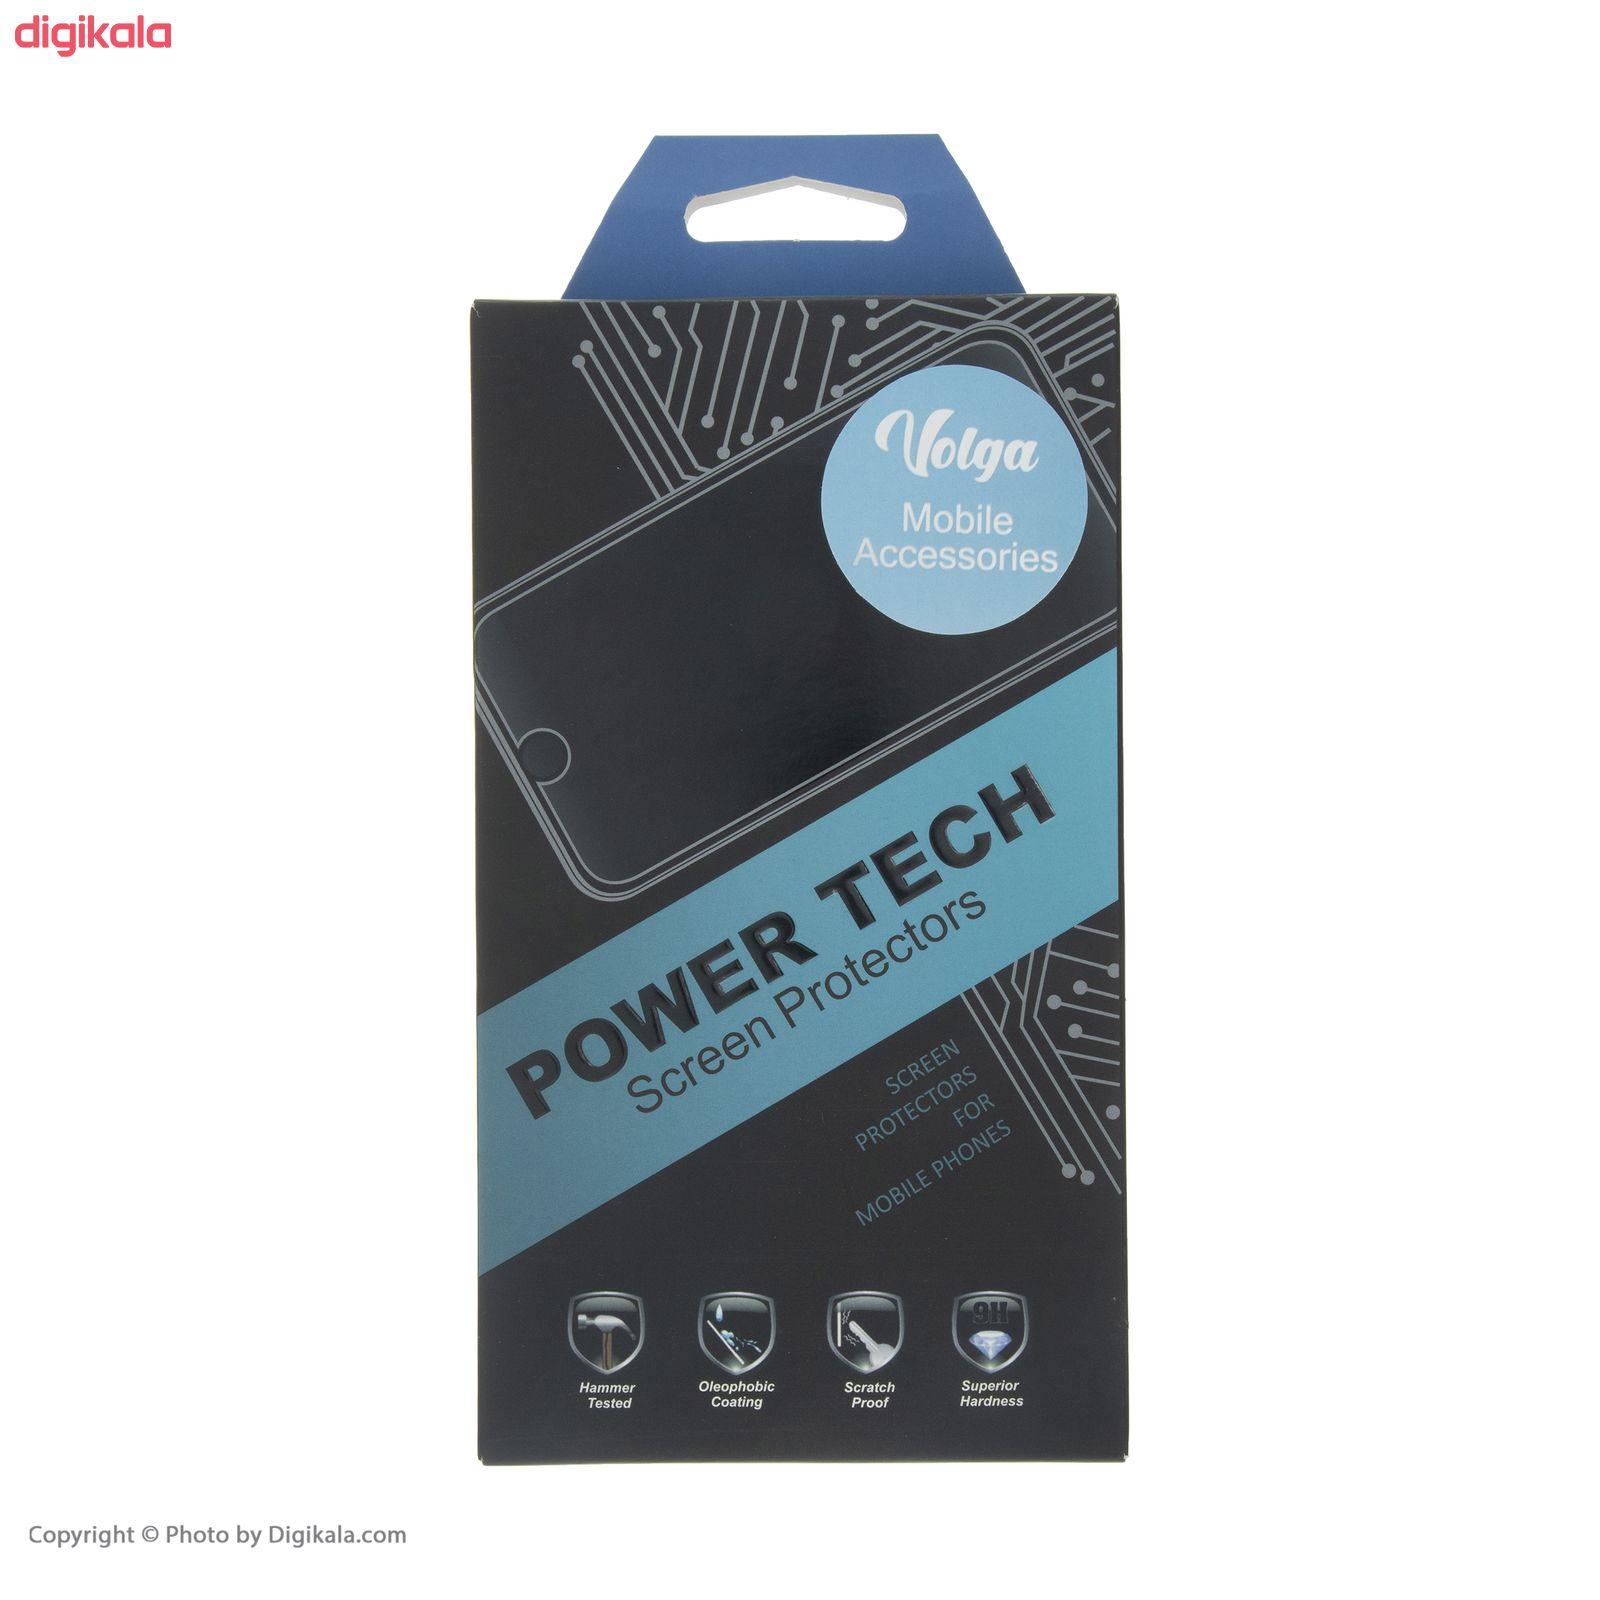 محافظ صفحه نمایش ولگا مدل powertech مناسب برای گوشی موبایل شیائومی Redmi Note 7 main 1 2